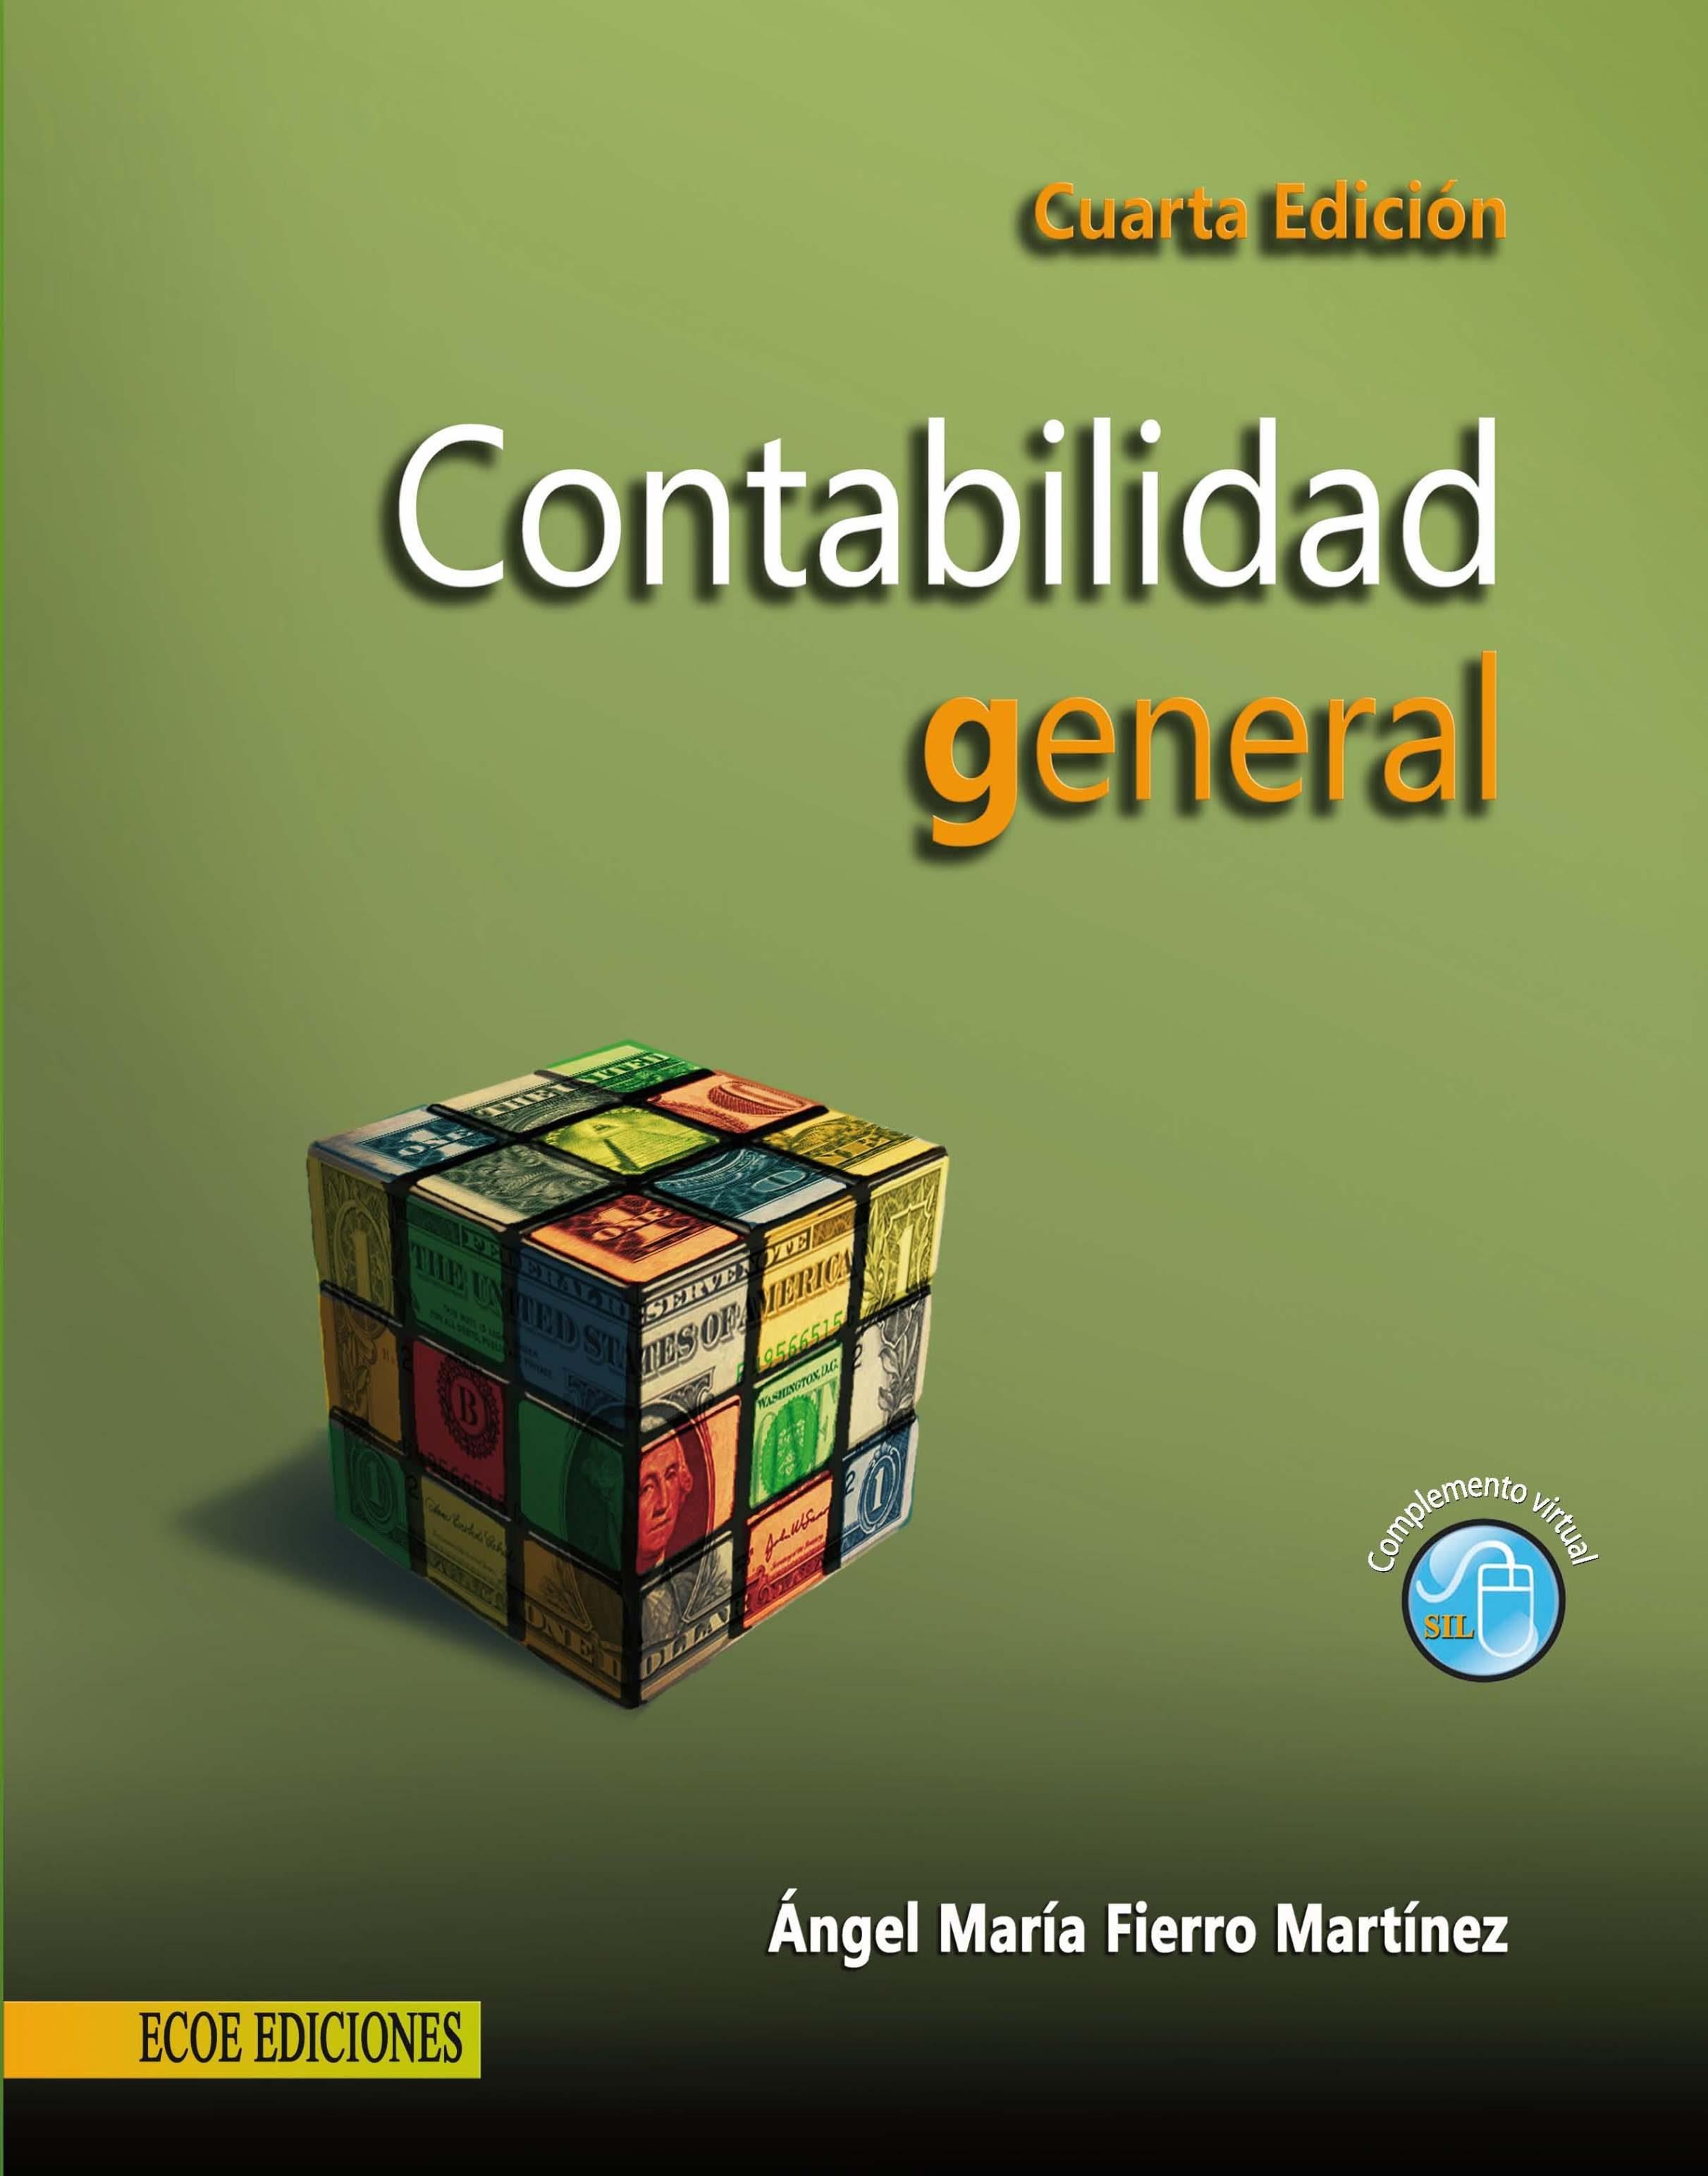 CONTABILIDAD GENERAL EBOOK | ÁNGEL MARÍA FIERRO MARTÍNEZ | Descargar ...